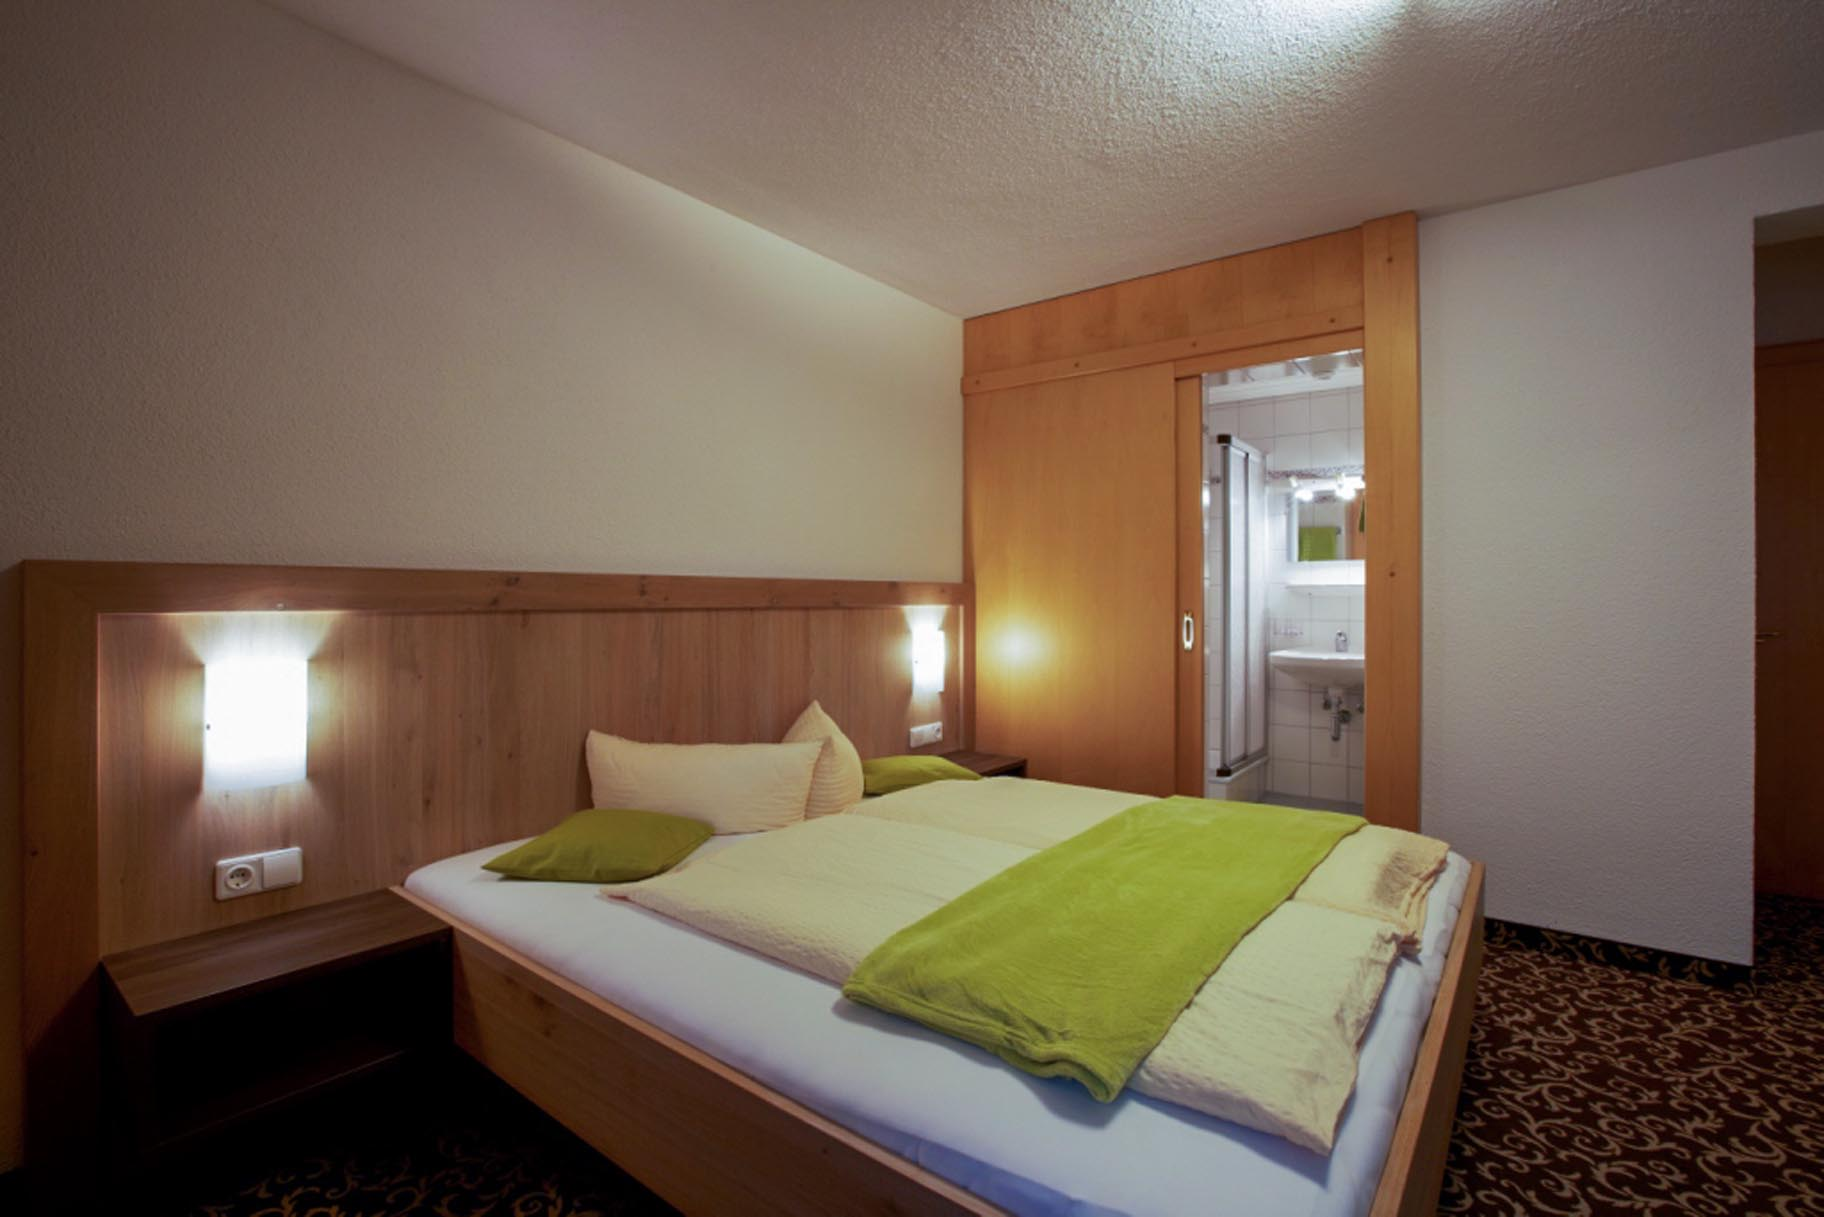 Ferienwohnung 3, Schlafzimmer